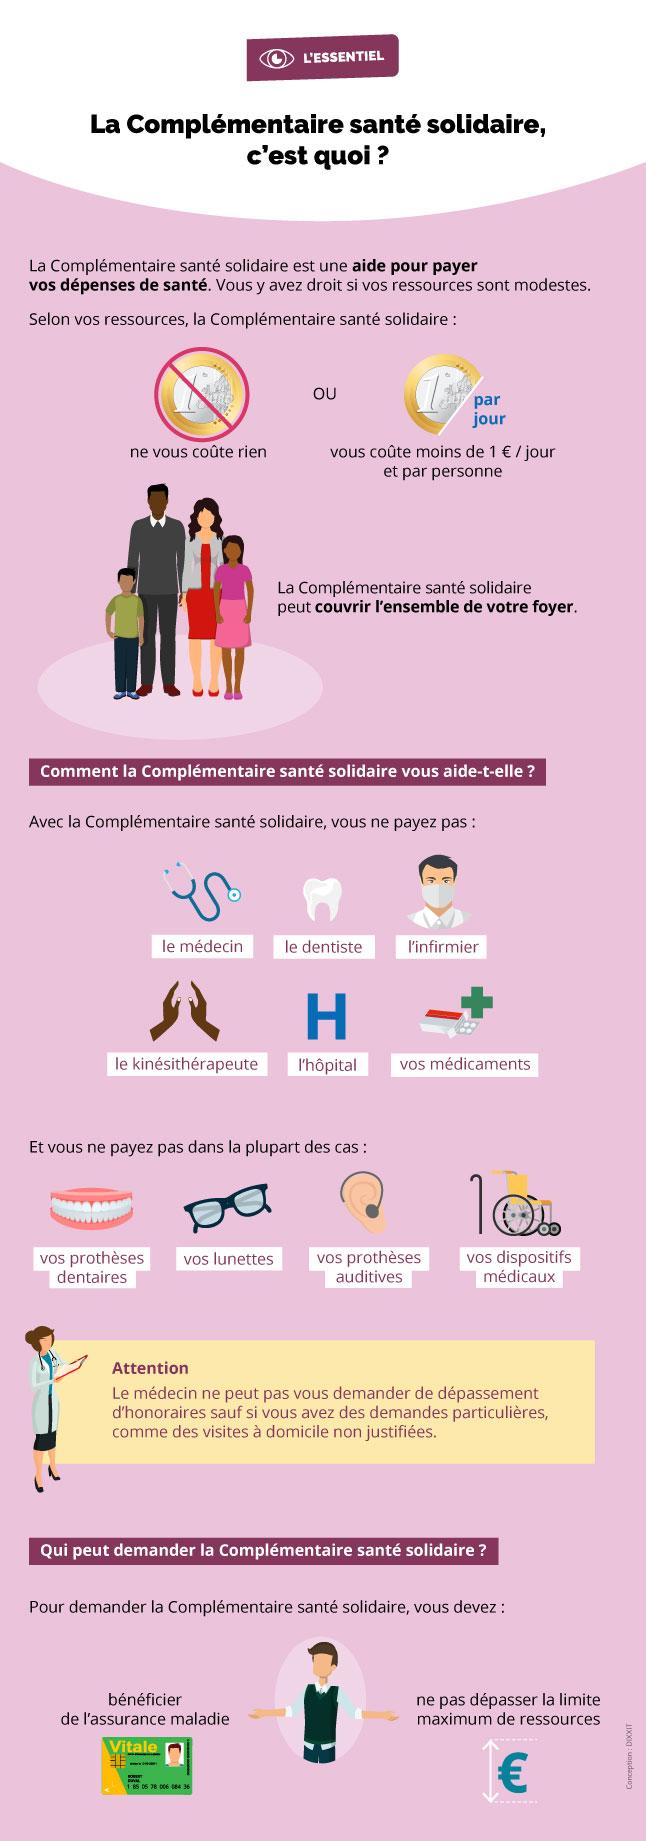 Infographie pour comprendre la Complémentaire santé solidaire (cf description complète ci-après)